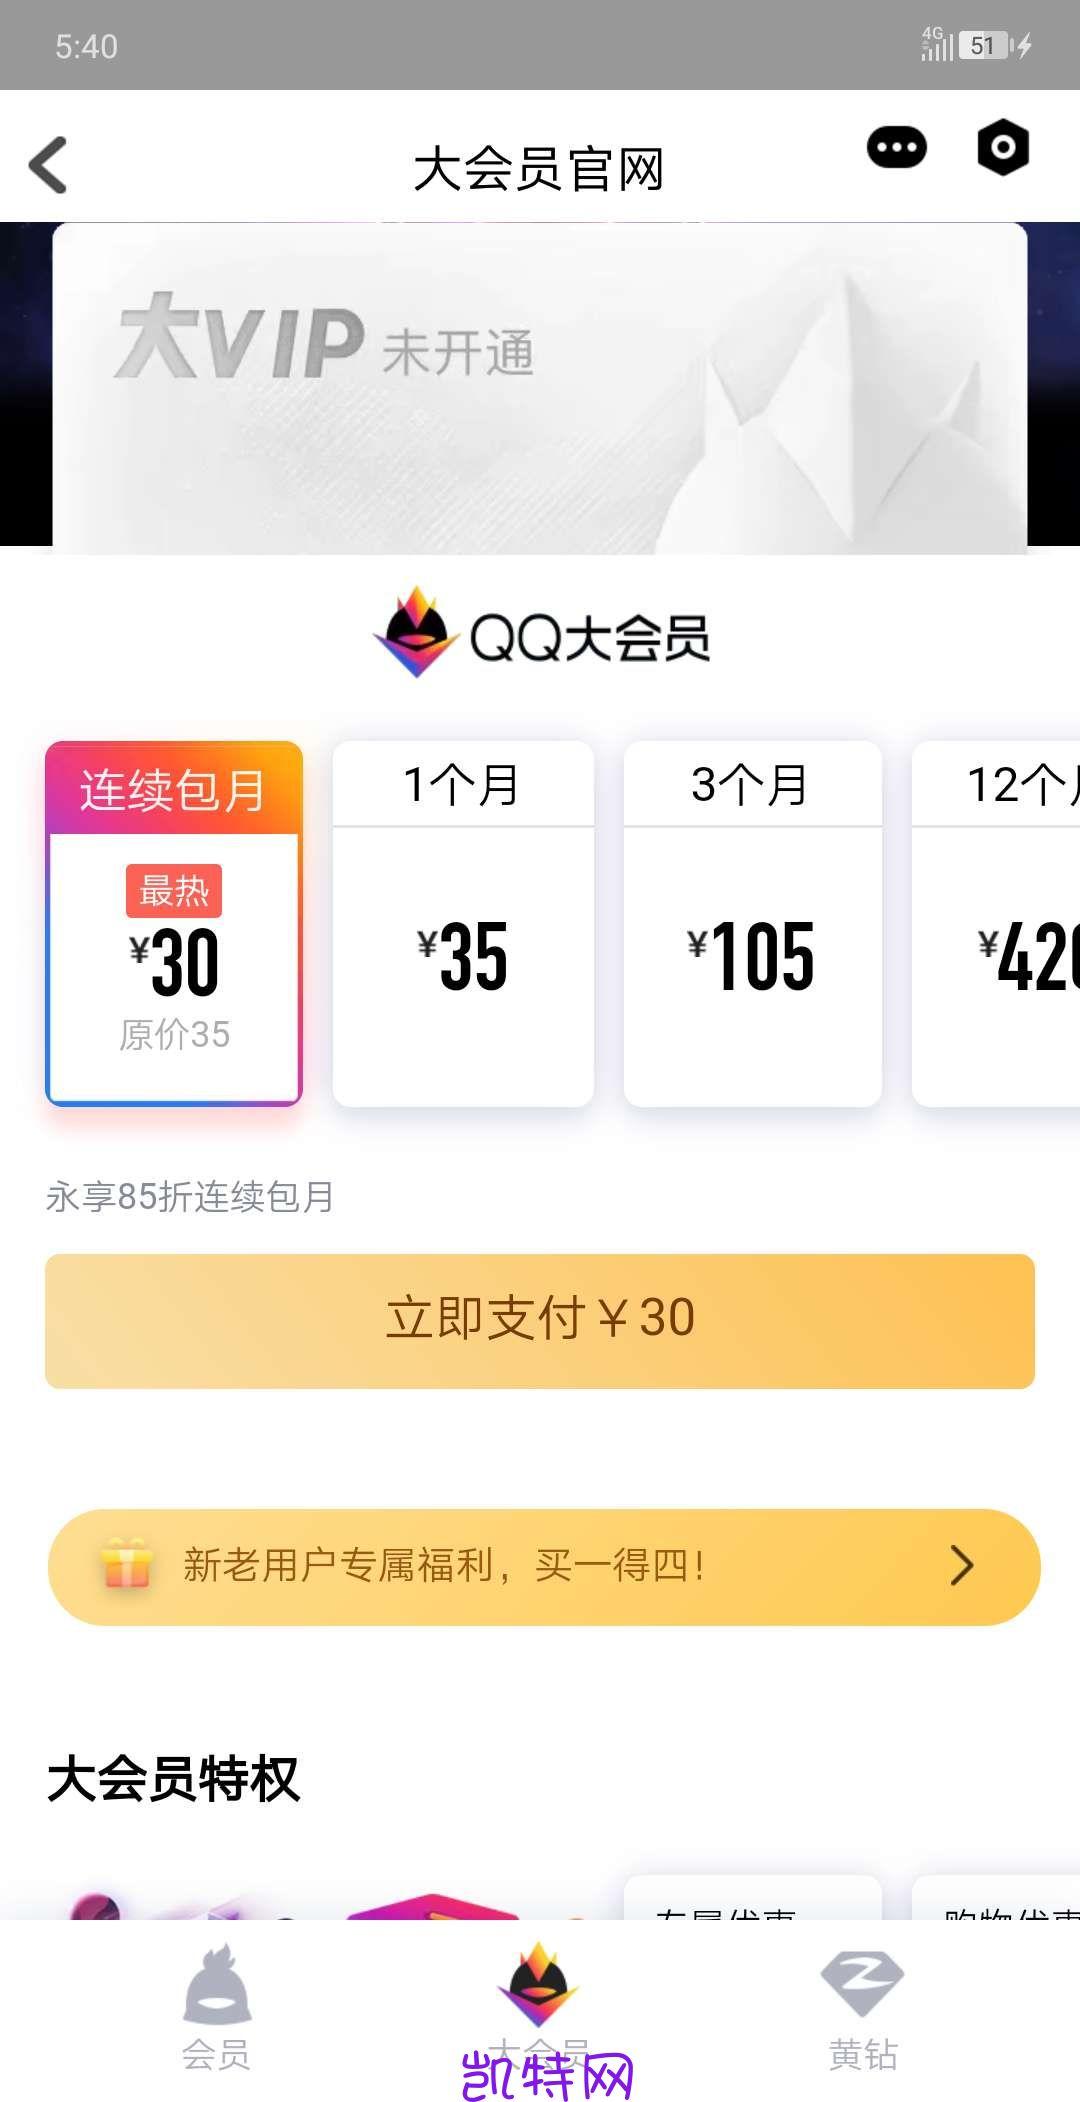 【虚拟物品】34元开通QQ大会员